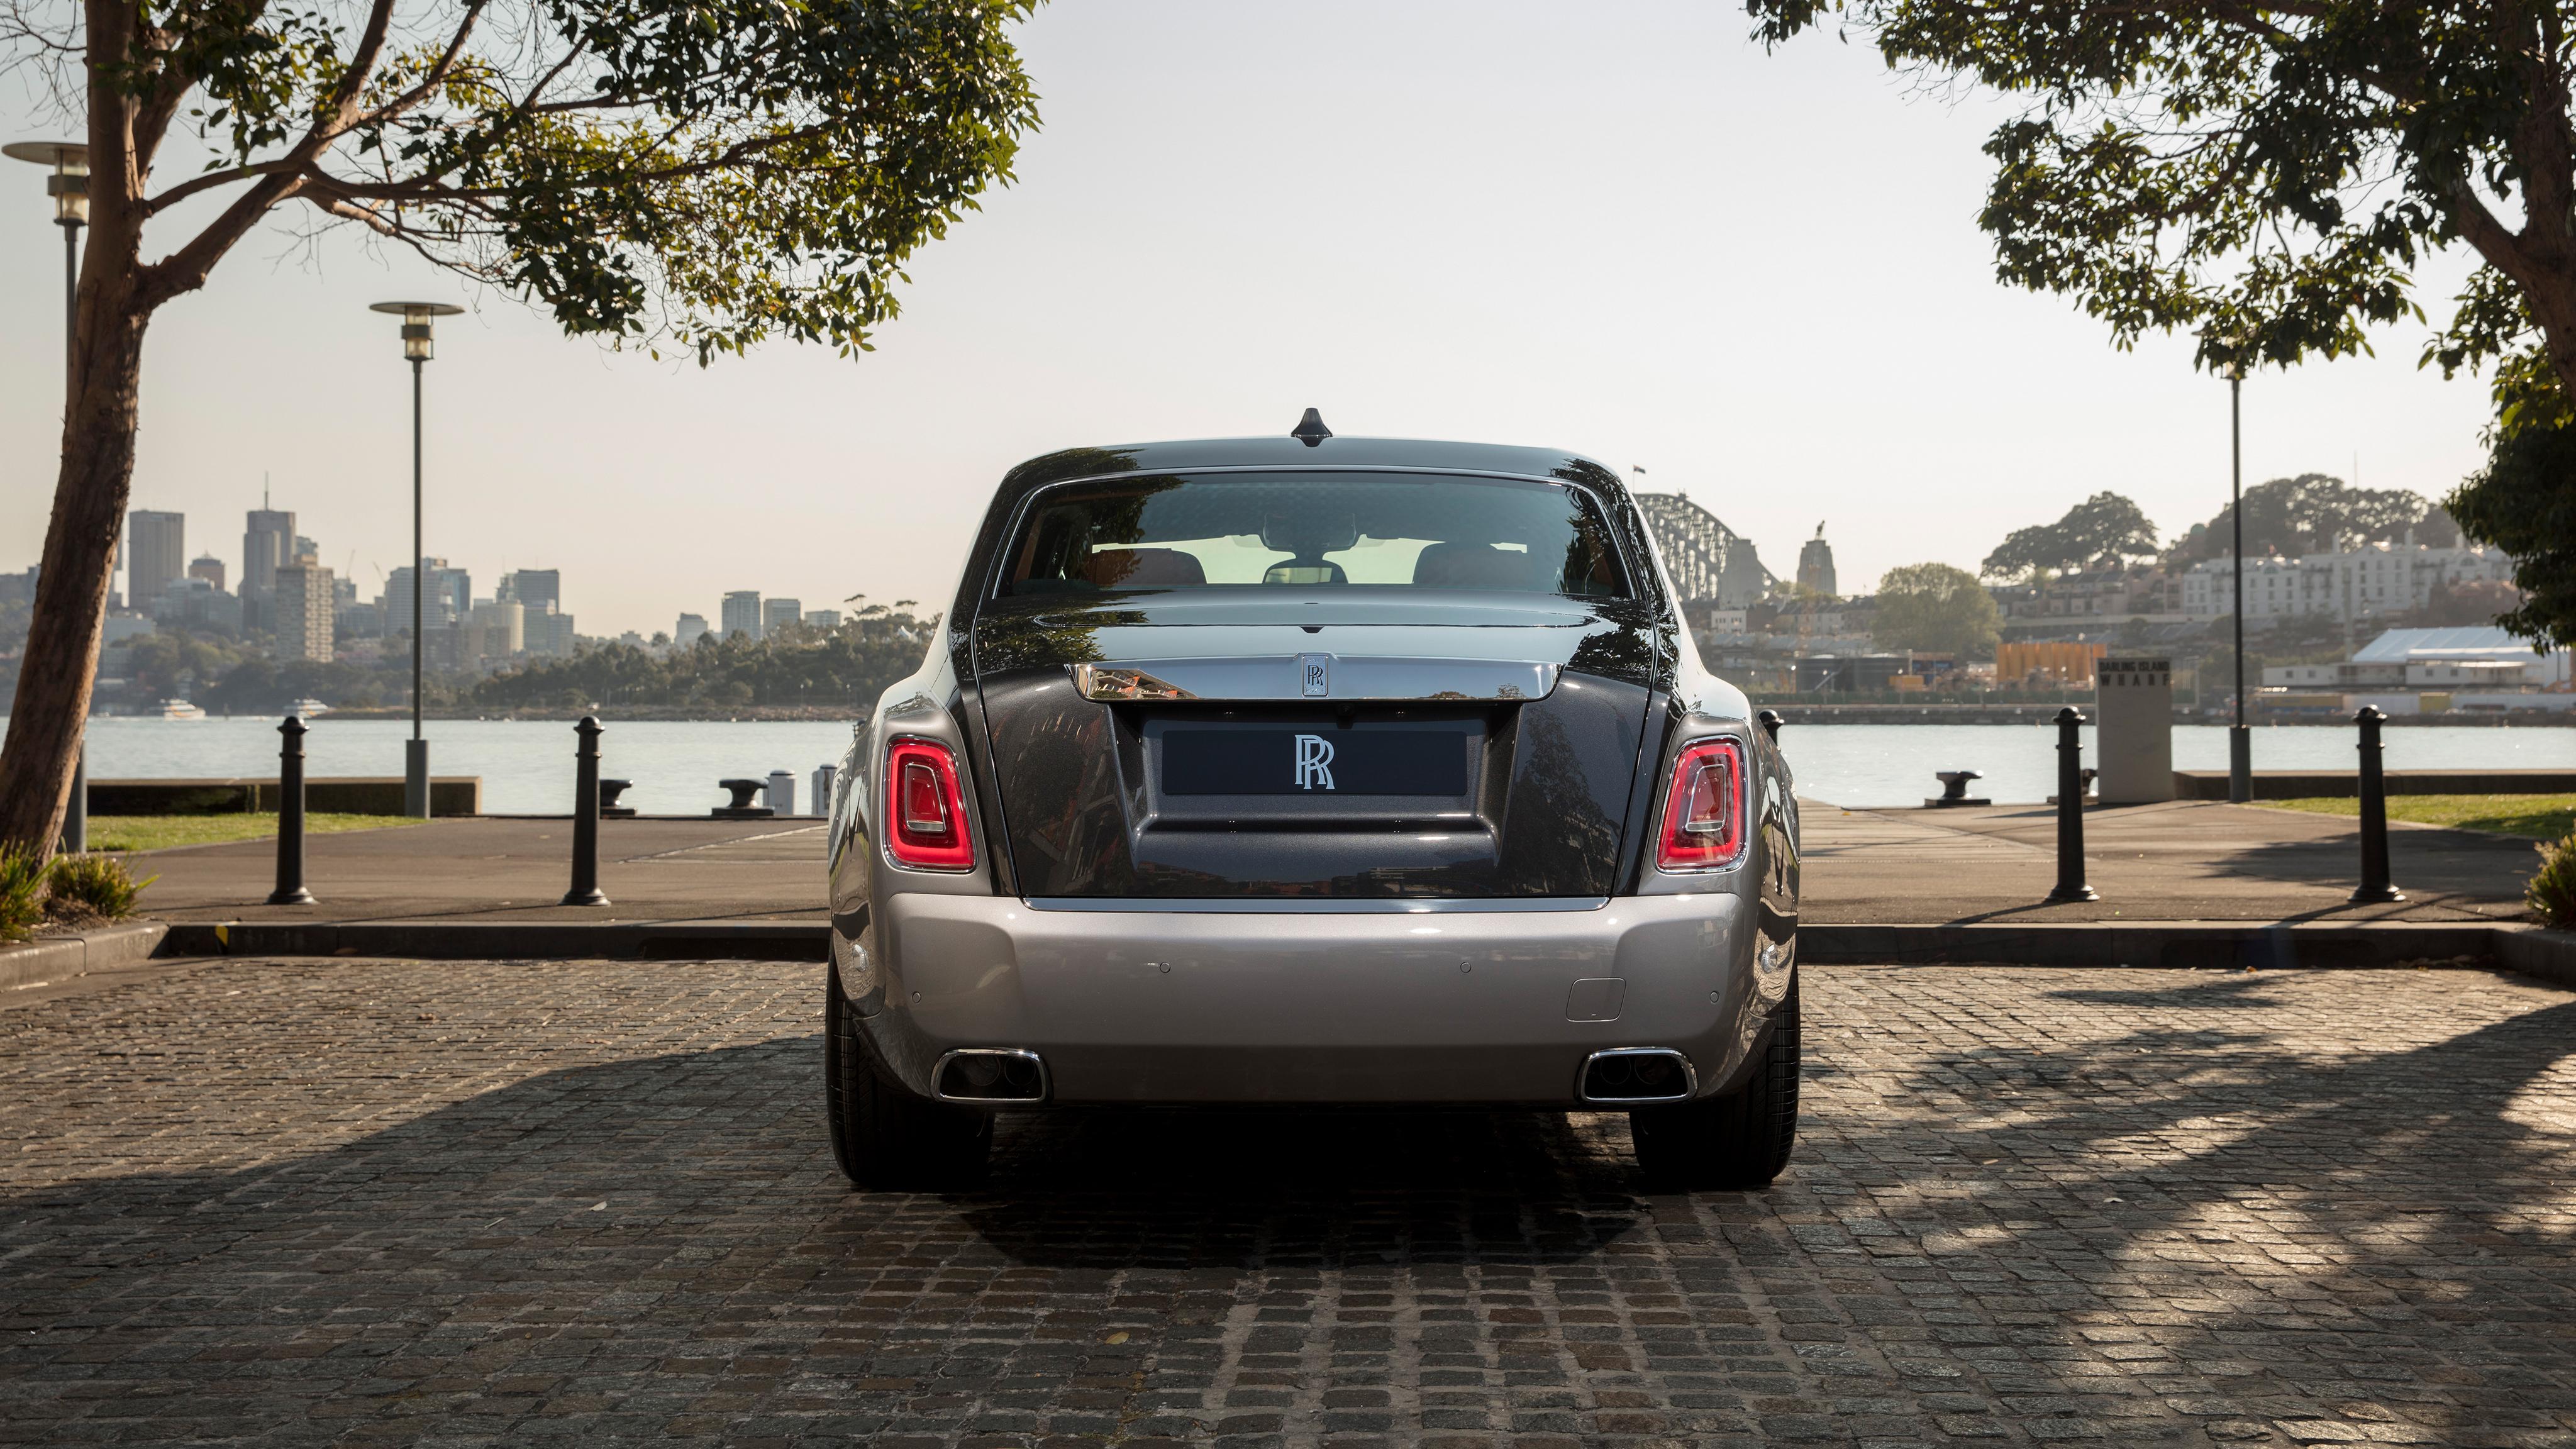 2018 Rolls Royce Phantom 4k Rear Wallpaper Hd Car Wallpapers Id